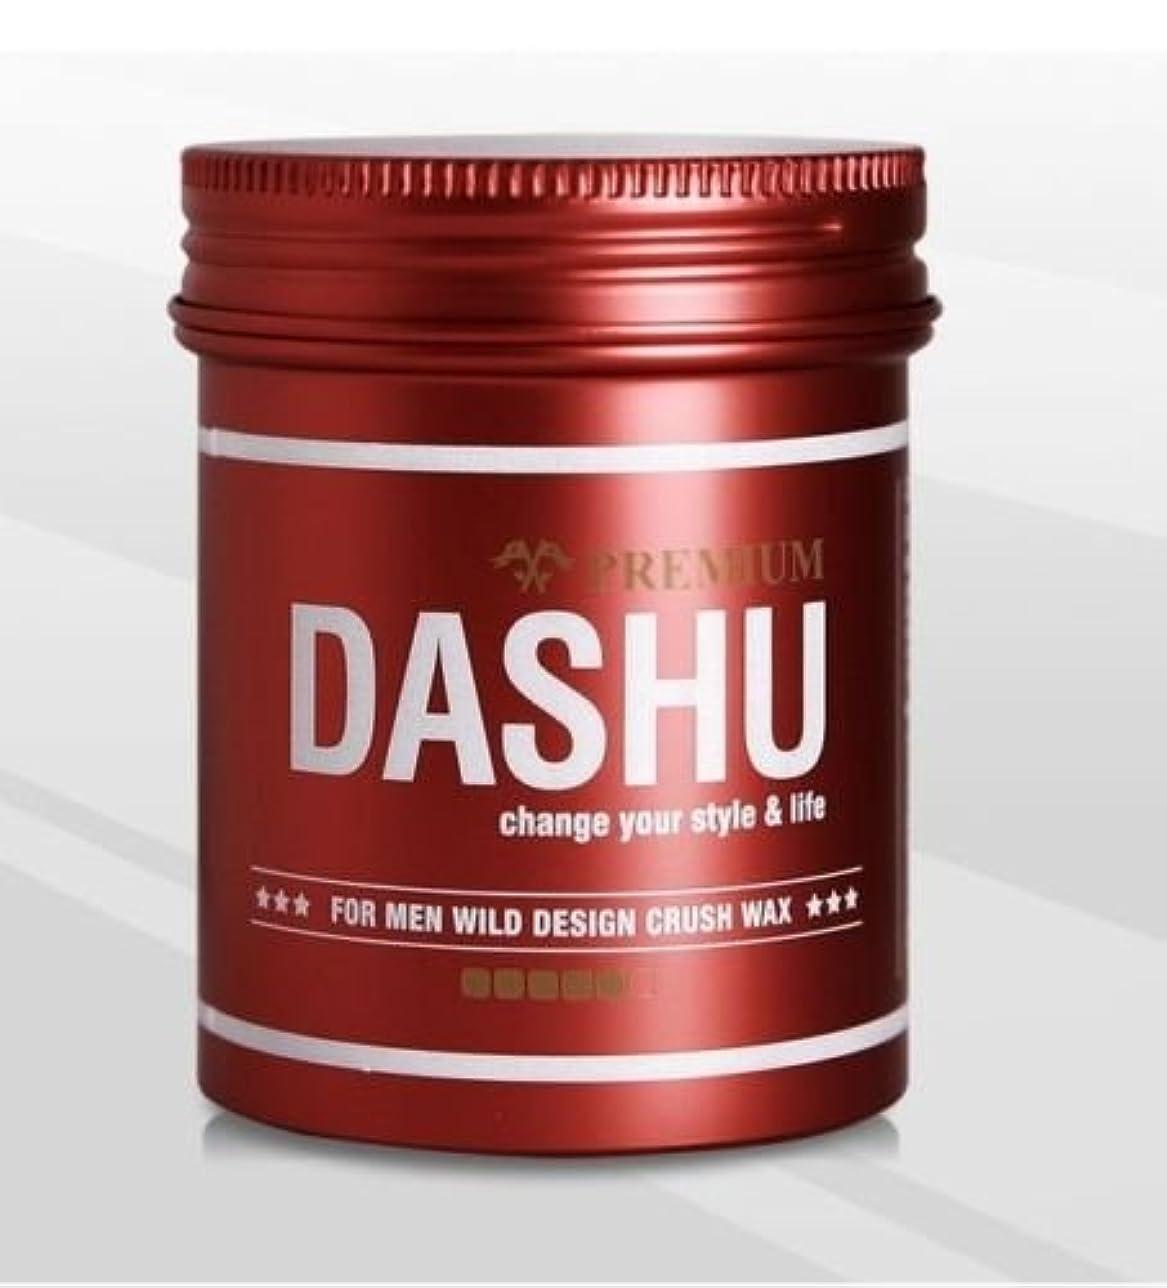 ことわざ折り目ビジター[DASHU] ダシュ For Men男性用 プレミアムワイルドデザインクラッシュワックス Premium Wild Design Crush Hair Wax 100ml / 韓国製 . 韓国直送品